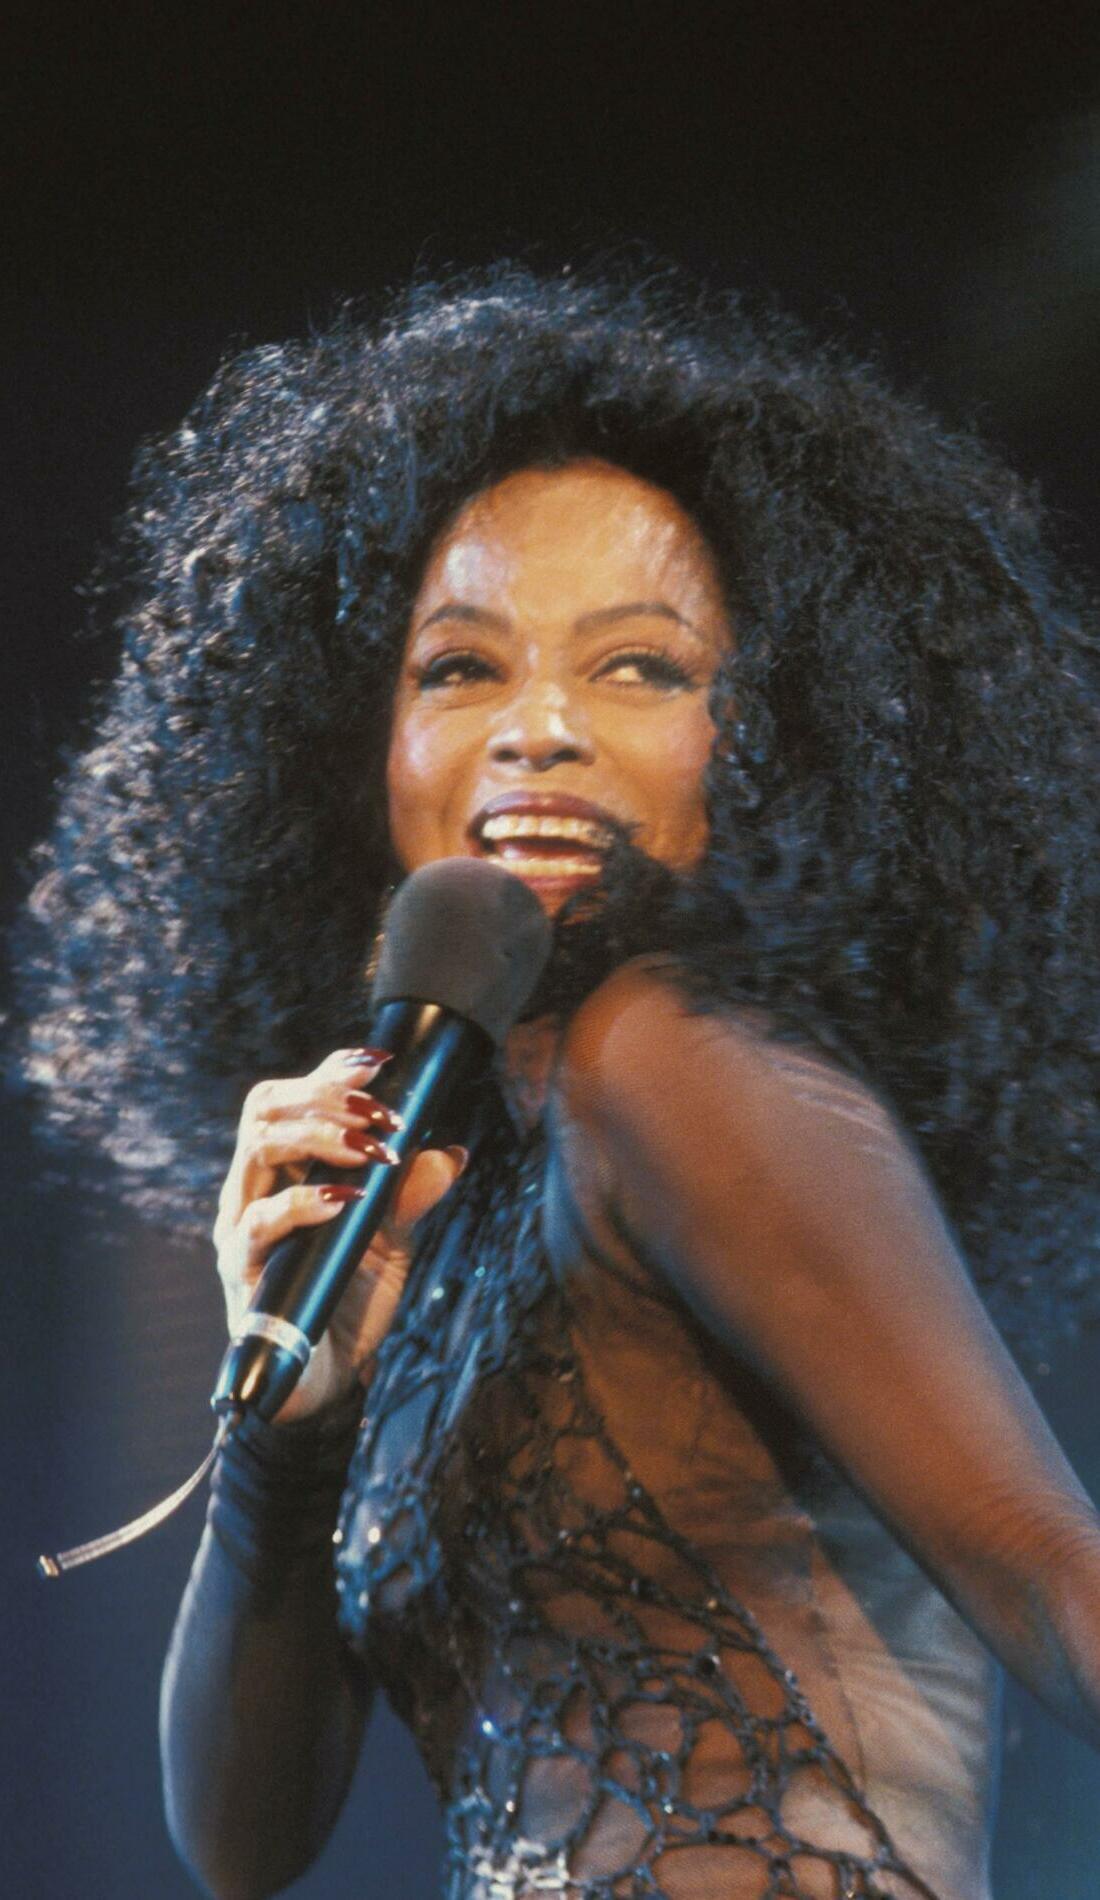 A Diana Ross live event